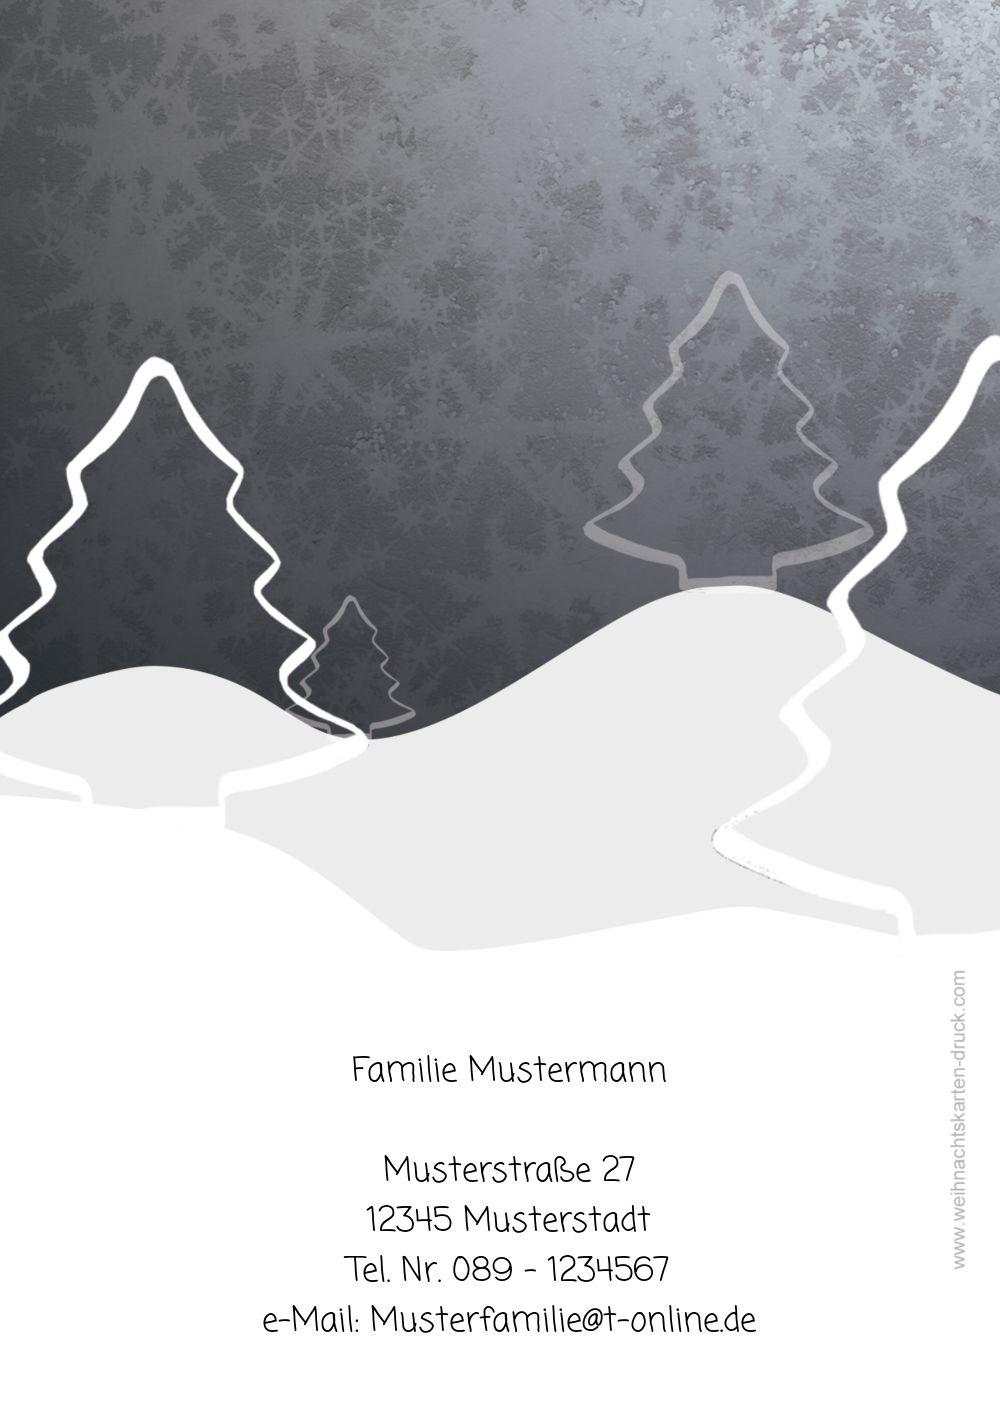 Ansicht 2 - Grußkarte Knopfmännchen